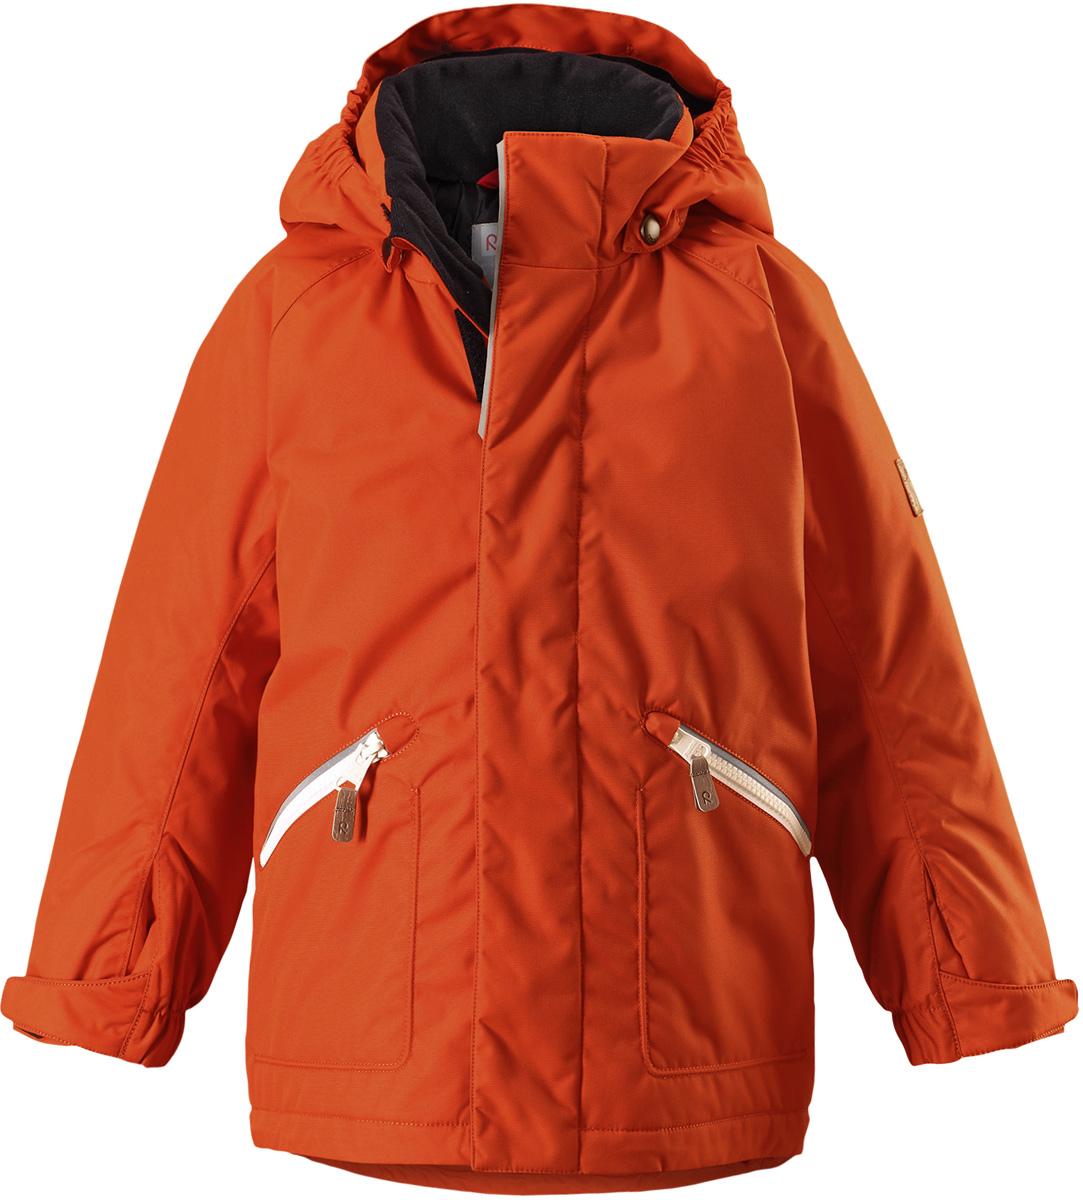 Куртка детская Reima Reimatec Nappaa, цвет: оранжевый. 5215132850. Размер 1225215132850Детская зимняя куртка Reimatec изготовлена из износостойкого, водо- и ветронепроницаемого, дышащего материала с водо- и грязеотталкивающей поверхностью. Основные швы в куртке проклеены и водонепроницаемы, поэтому неожиданный снегопад или дождь не помешает веселым играм на свежем воздухе! Эта куртка с подкладкой из гладкого полиэстера легко надевается, и ее очень удобно носить. Благодаря регулируемой талии и подолу, эта куртка прямого кроя отлично сидит по фигуре. Капюшон снабжен кнопками. Это обеспечивает дополнительную безопасность во время активных прогулок – капюшон легко отстегивается, если случайно за что-нибудь зацепится. Регулируемые манжеты, два передних кармана на молнии и светоотражающие детали.Средняя степень утепления.